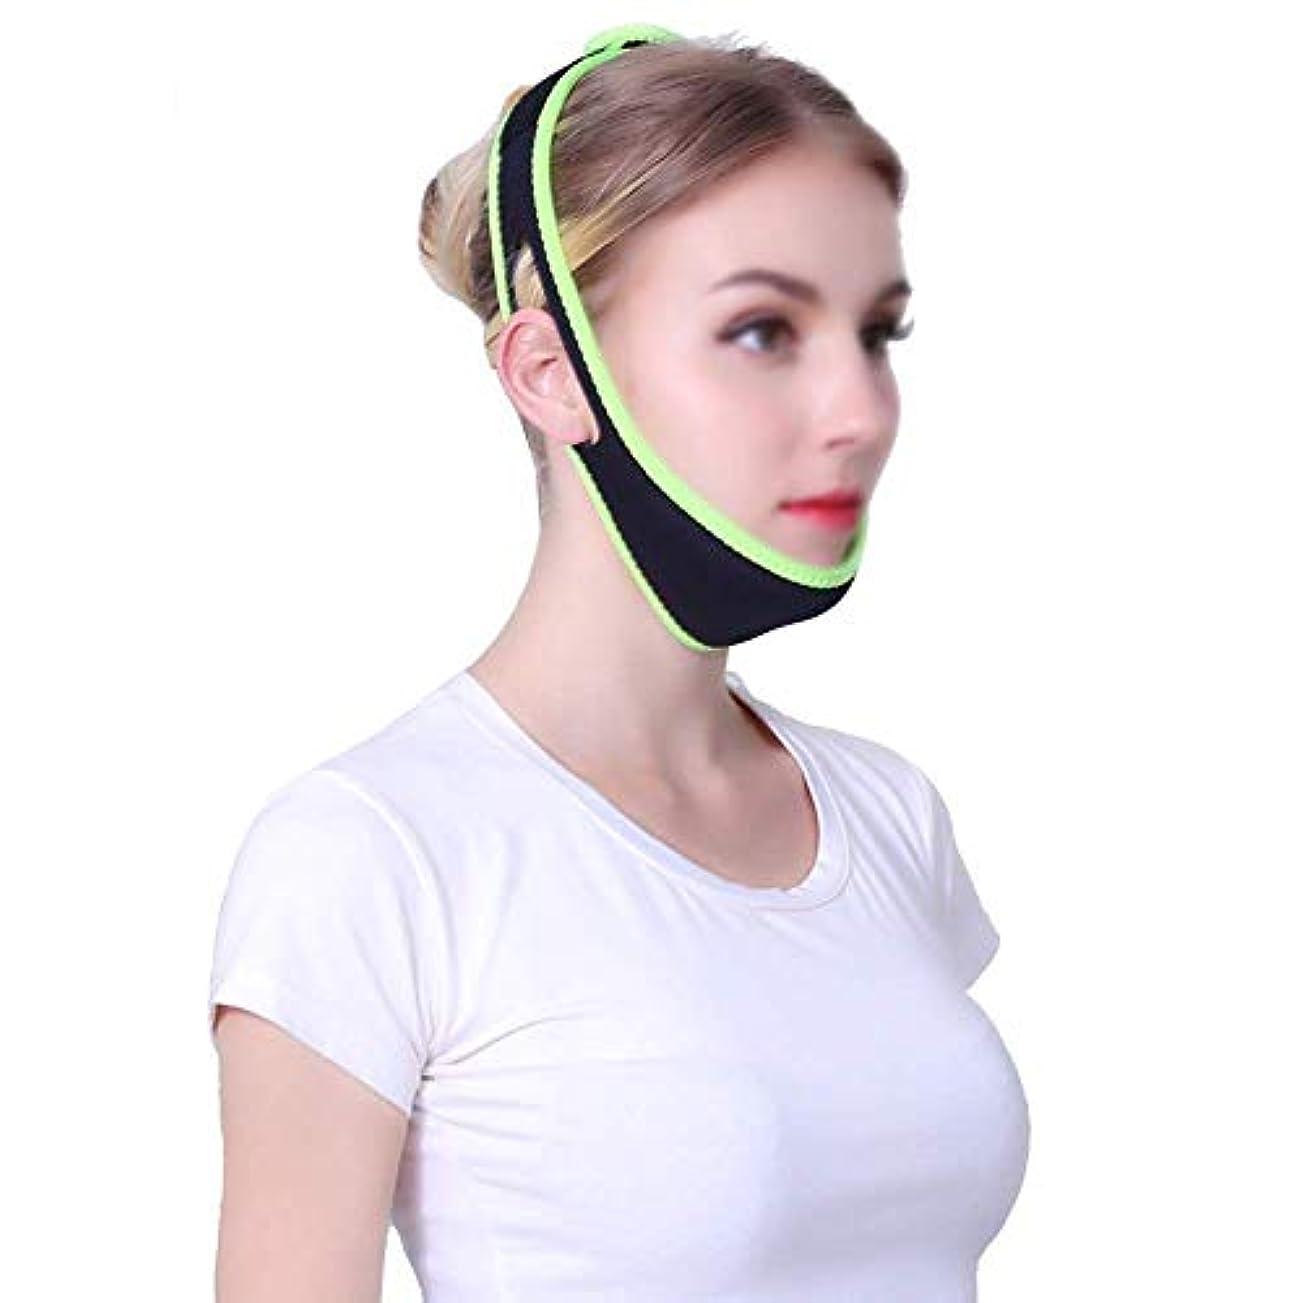 抵抗する防止たるみ引き締めフェイスマスク、小さなVフェイスアーティファクト睡眠リフティングマスク付き薄型フェイスバンデージマスク引き締めクリームフェイスリフトフェイスメロンフェイス楽器